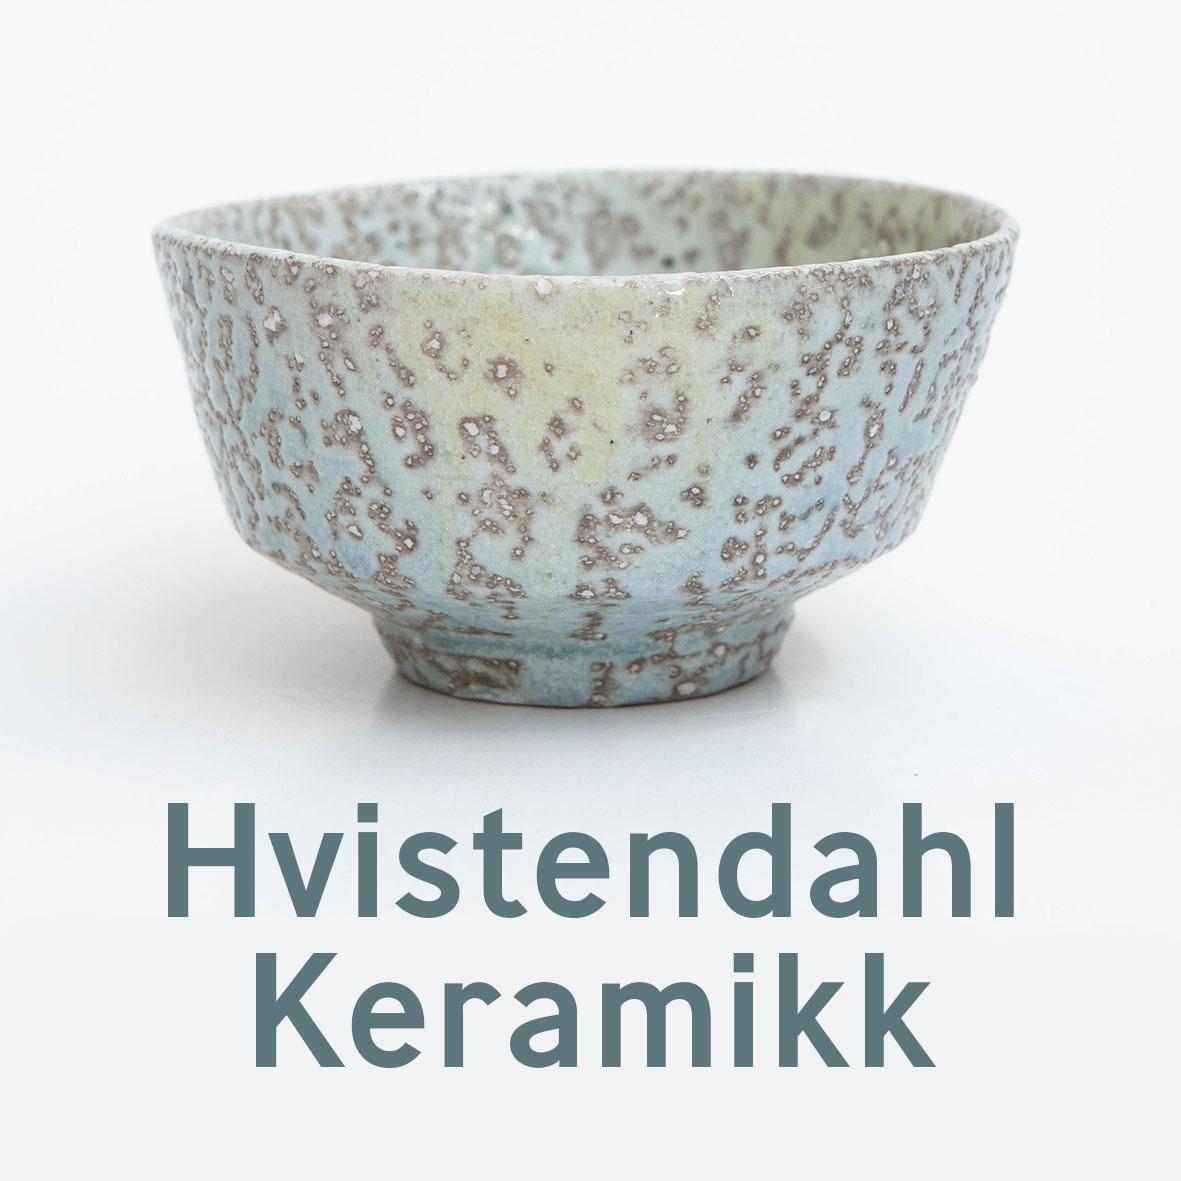 https://shopinfarsund.no/hvistendahlkeramikk/wp-content/uploads/sites/89/2021/04/Shoppin-logo-placeholder2.jpg